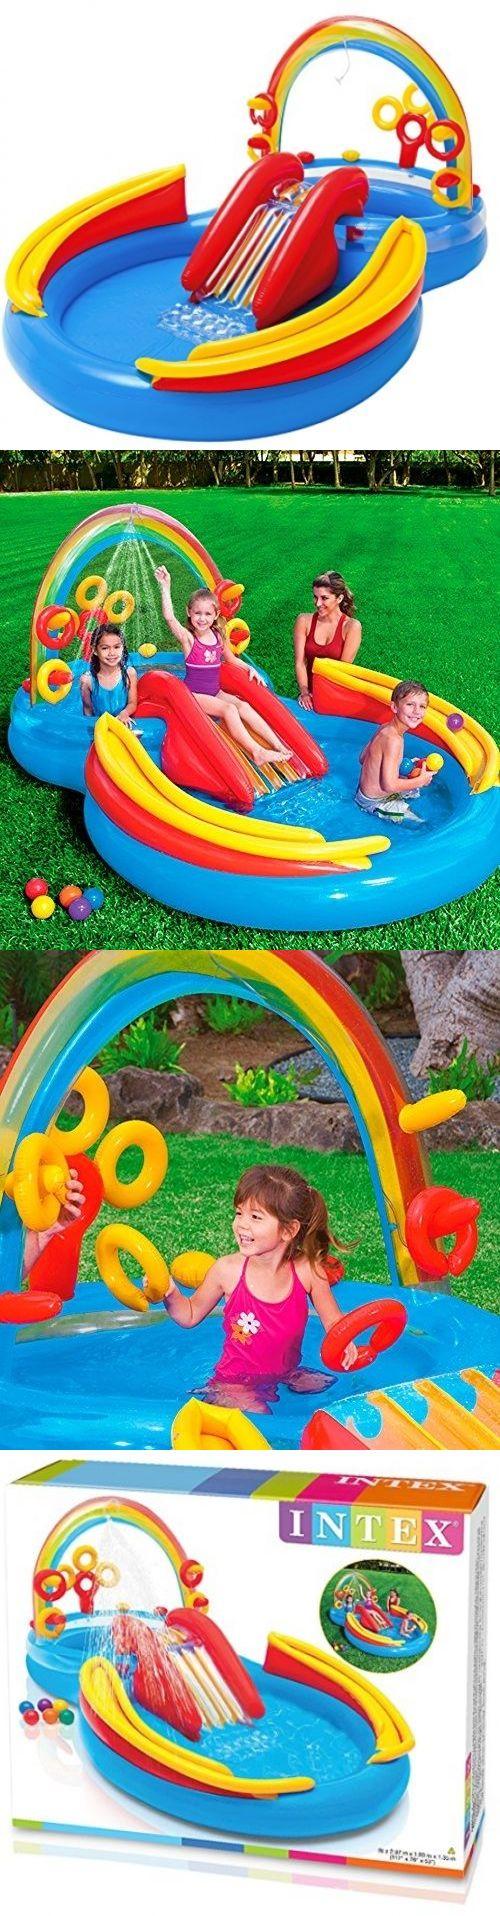 pools 145989 inflatable water slide outdoor pool play kids fun